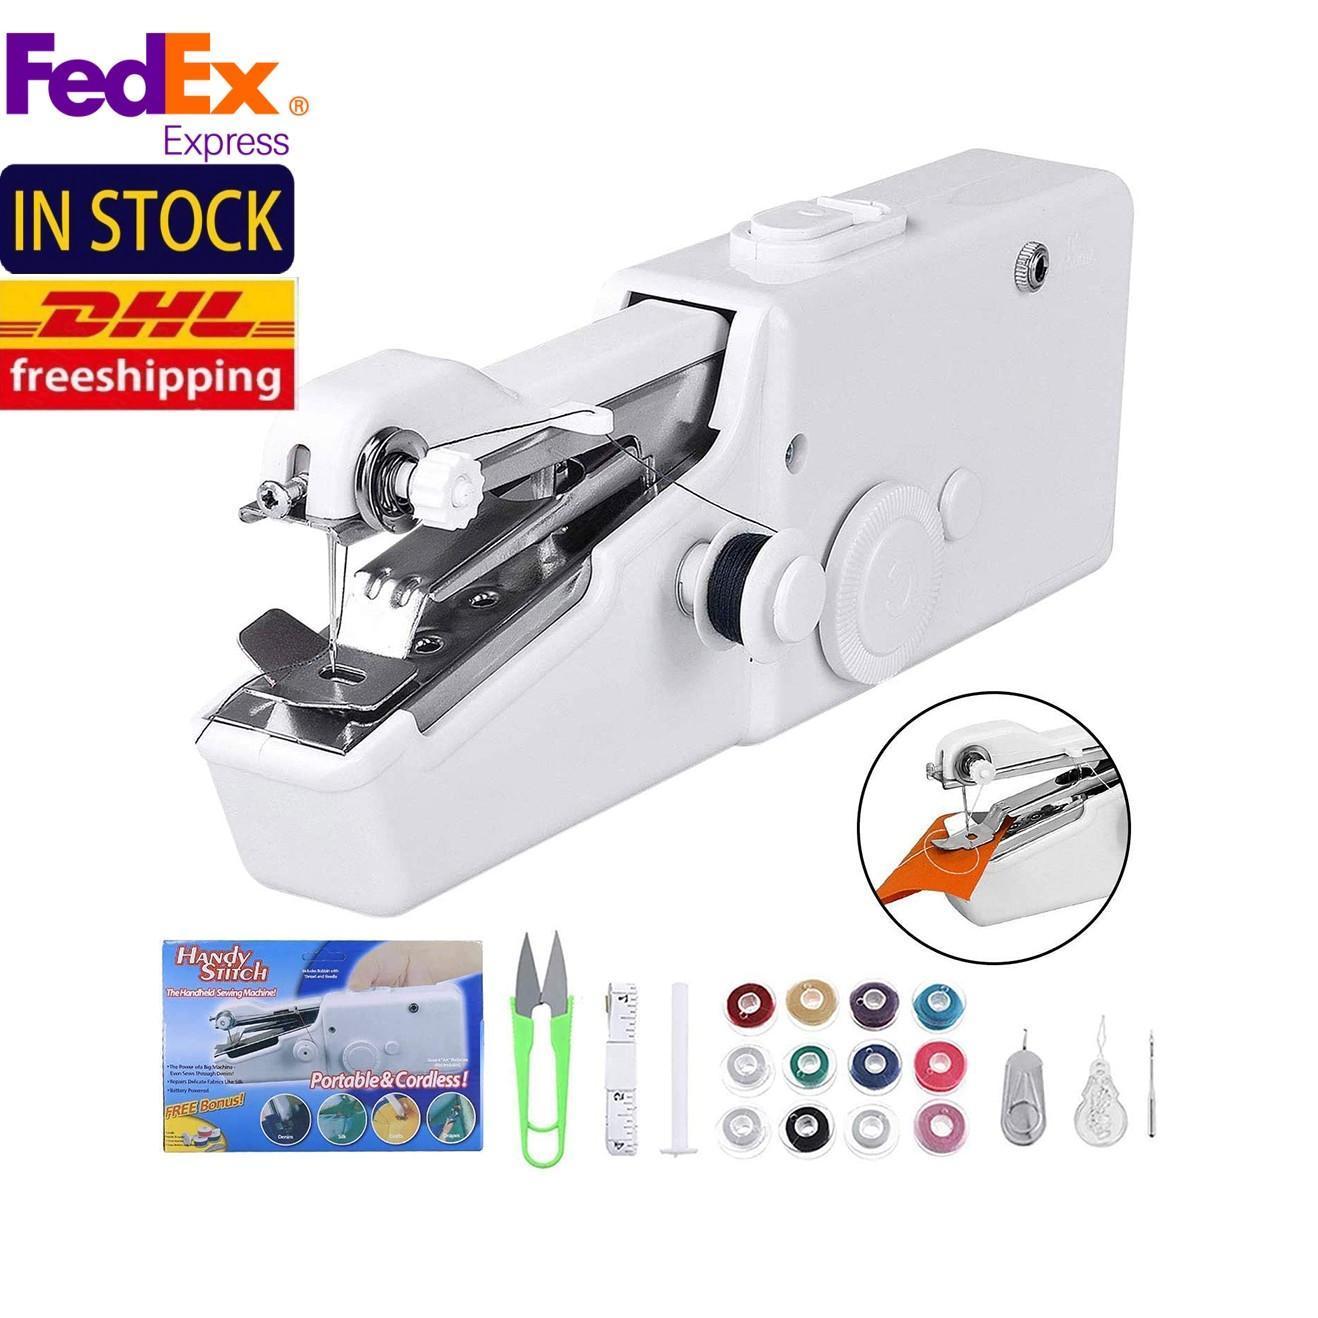 EU Stock Mini portátil de elétricos de costura máquinas de costura Sew Needlework roupa sem fio Tecidos Define FY7066